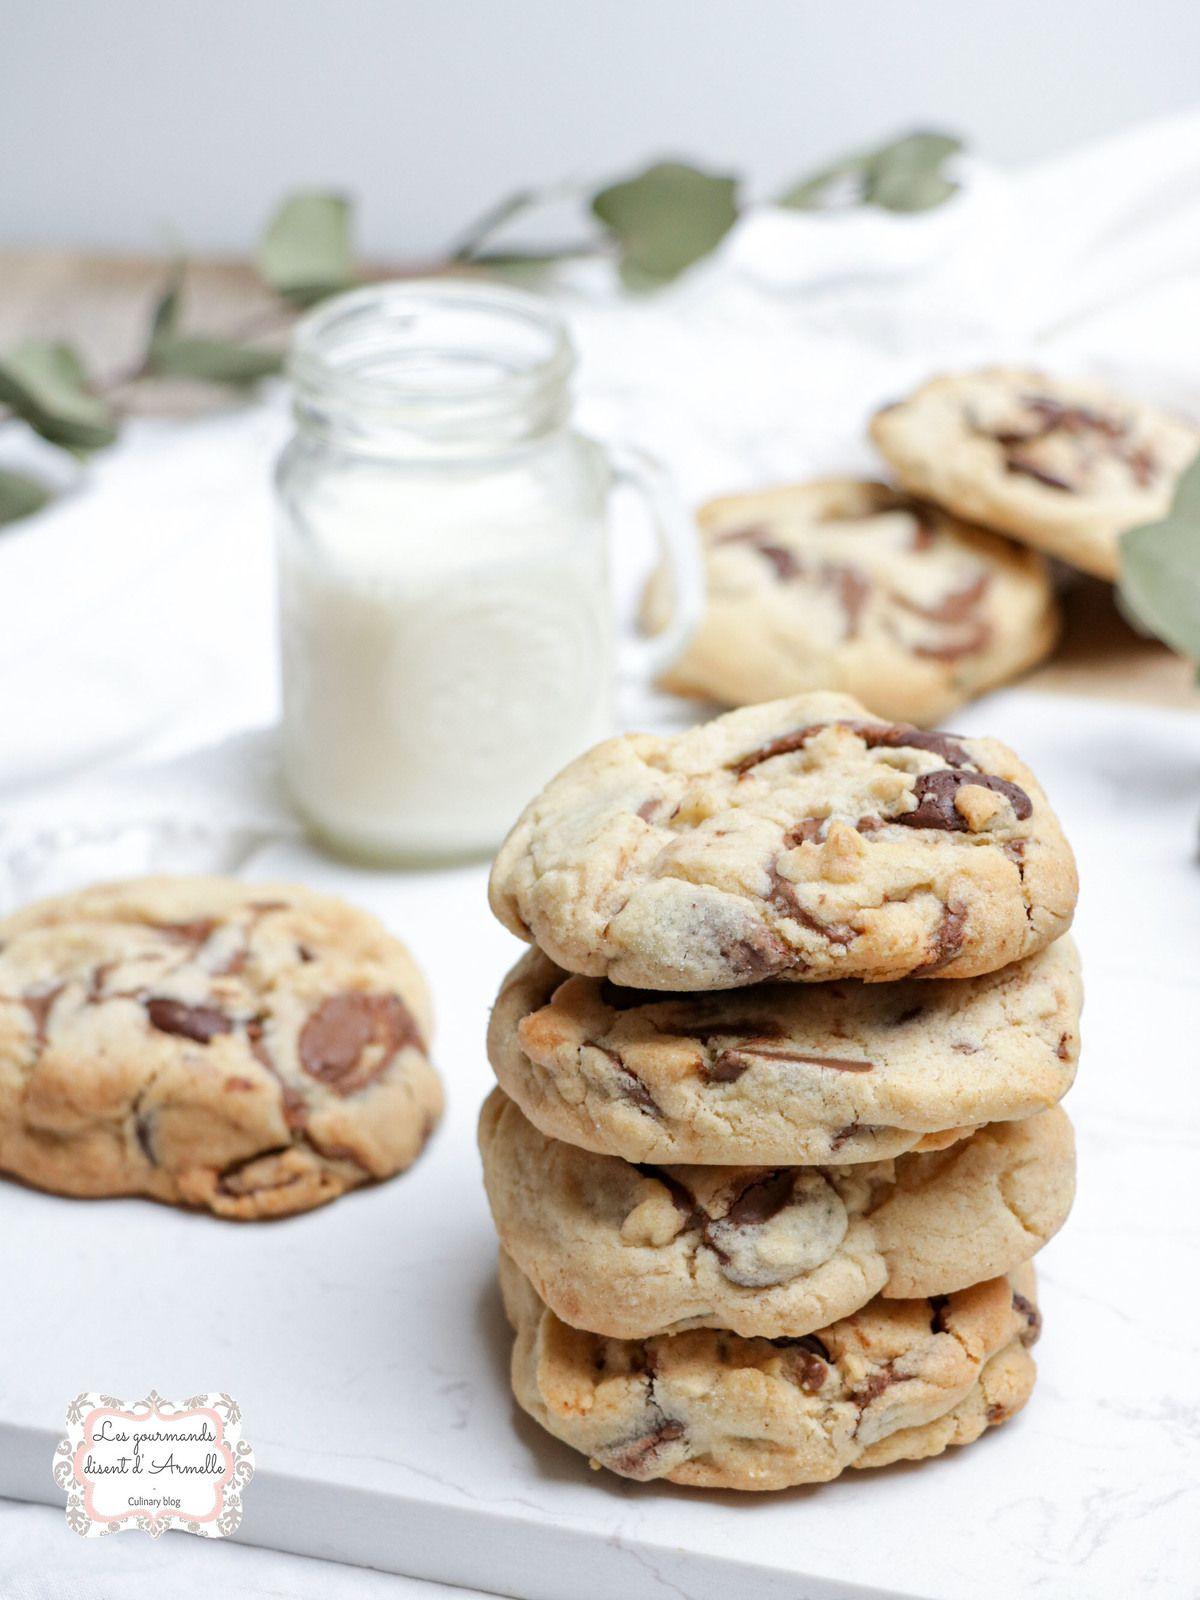 Cyril Lignac Recette Cookies : cyril, lignac, recette, cookies, Cookies, Chocolats, Cyril, Lignac, Gourmands, {disent}, D'Armelle